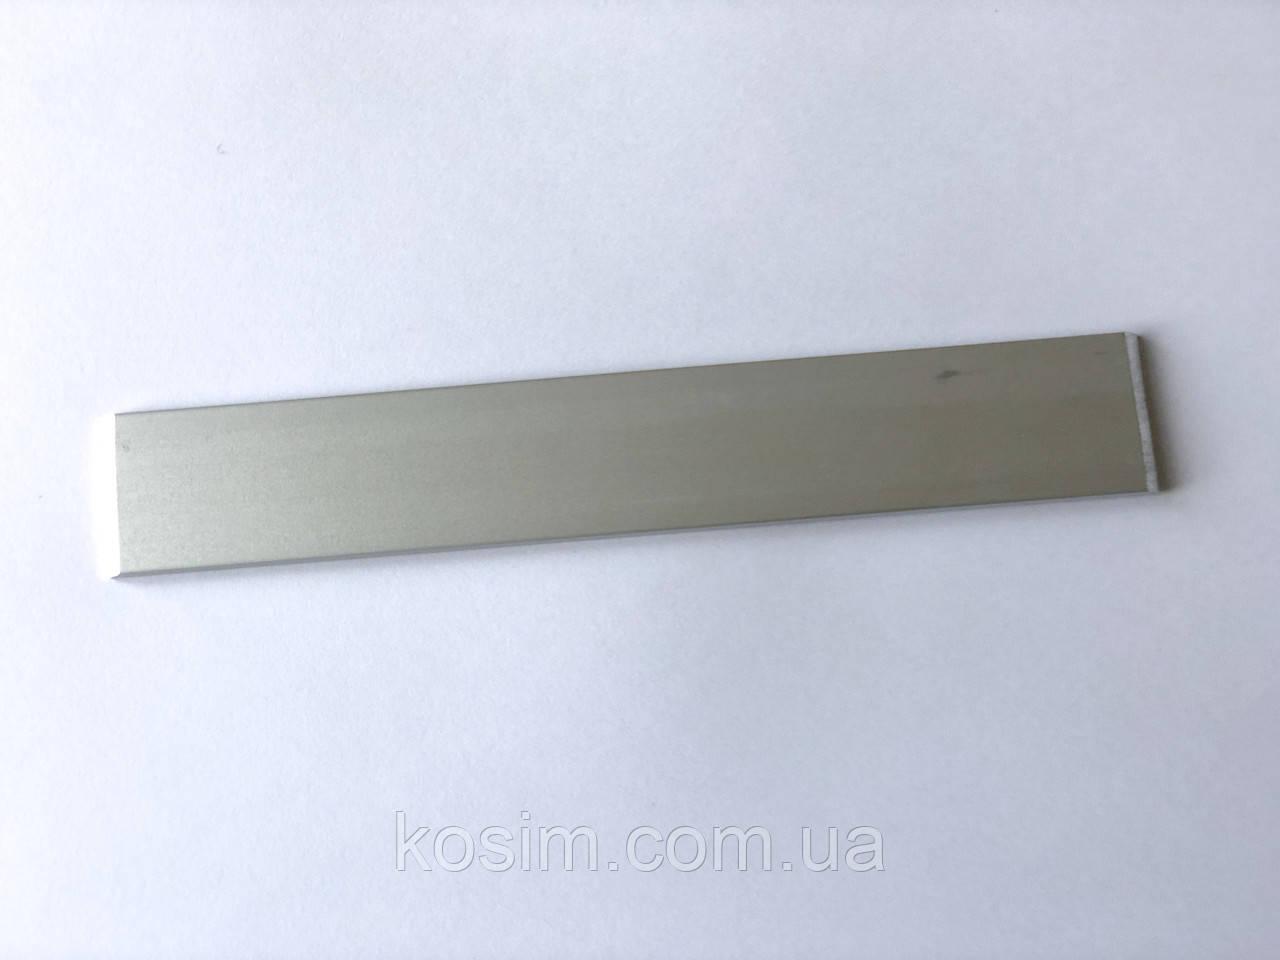 Бланки алюминиевые для точилок типа Апекс Apex